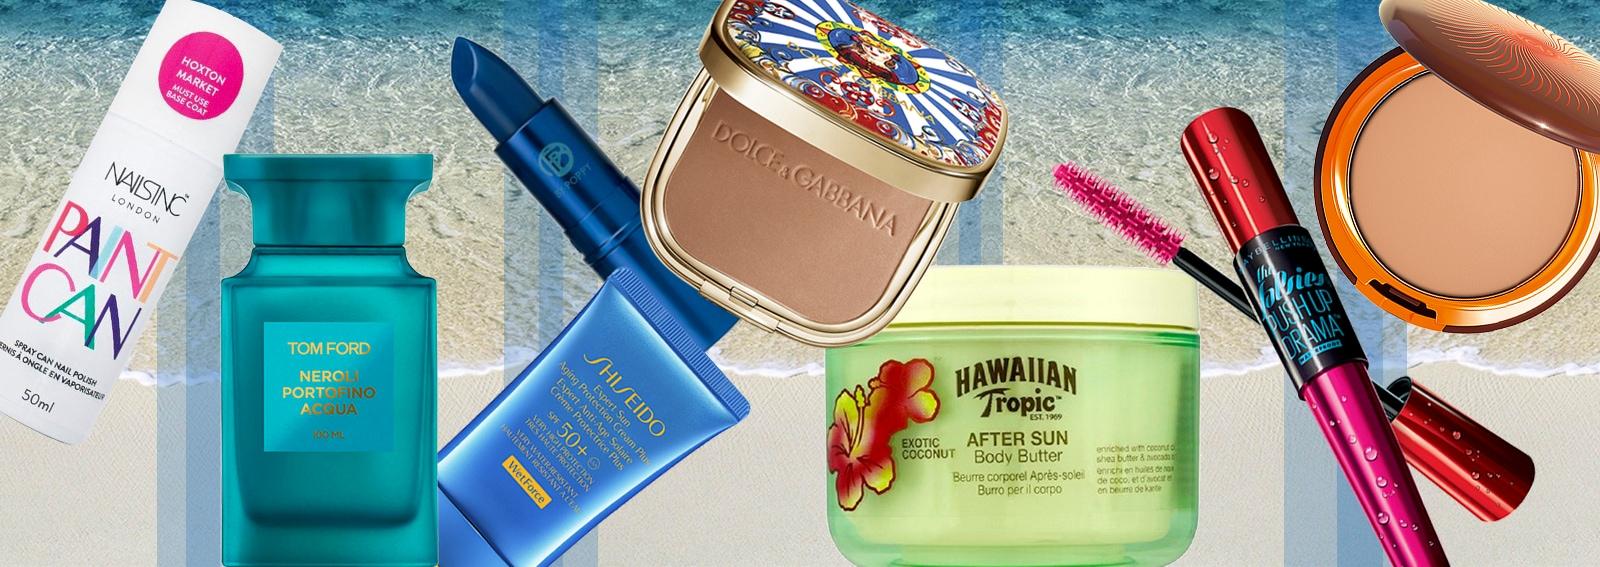 20-prodotti-beauty-per-affrontare-l-estate-desktop